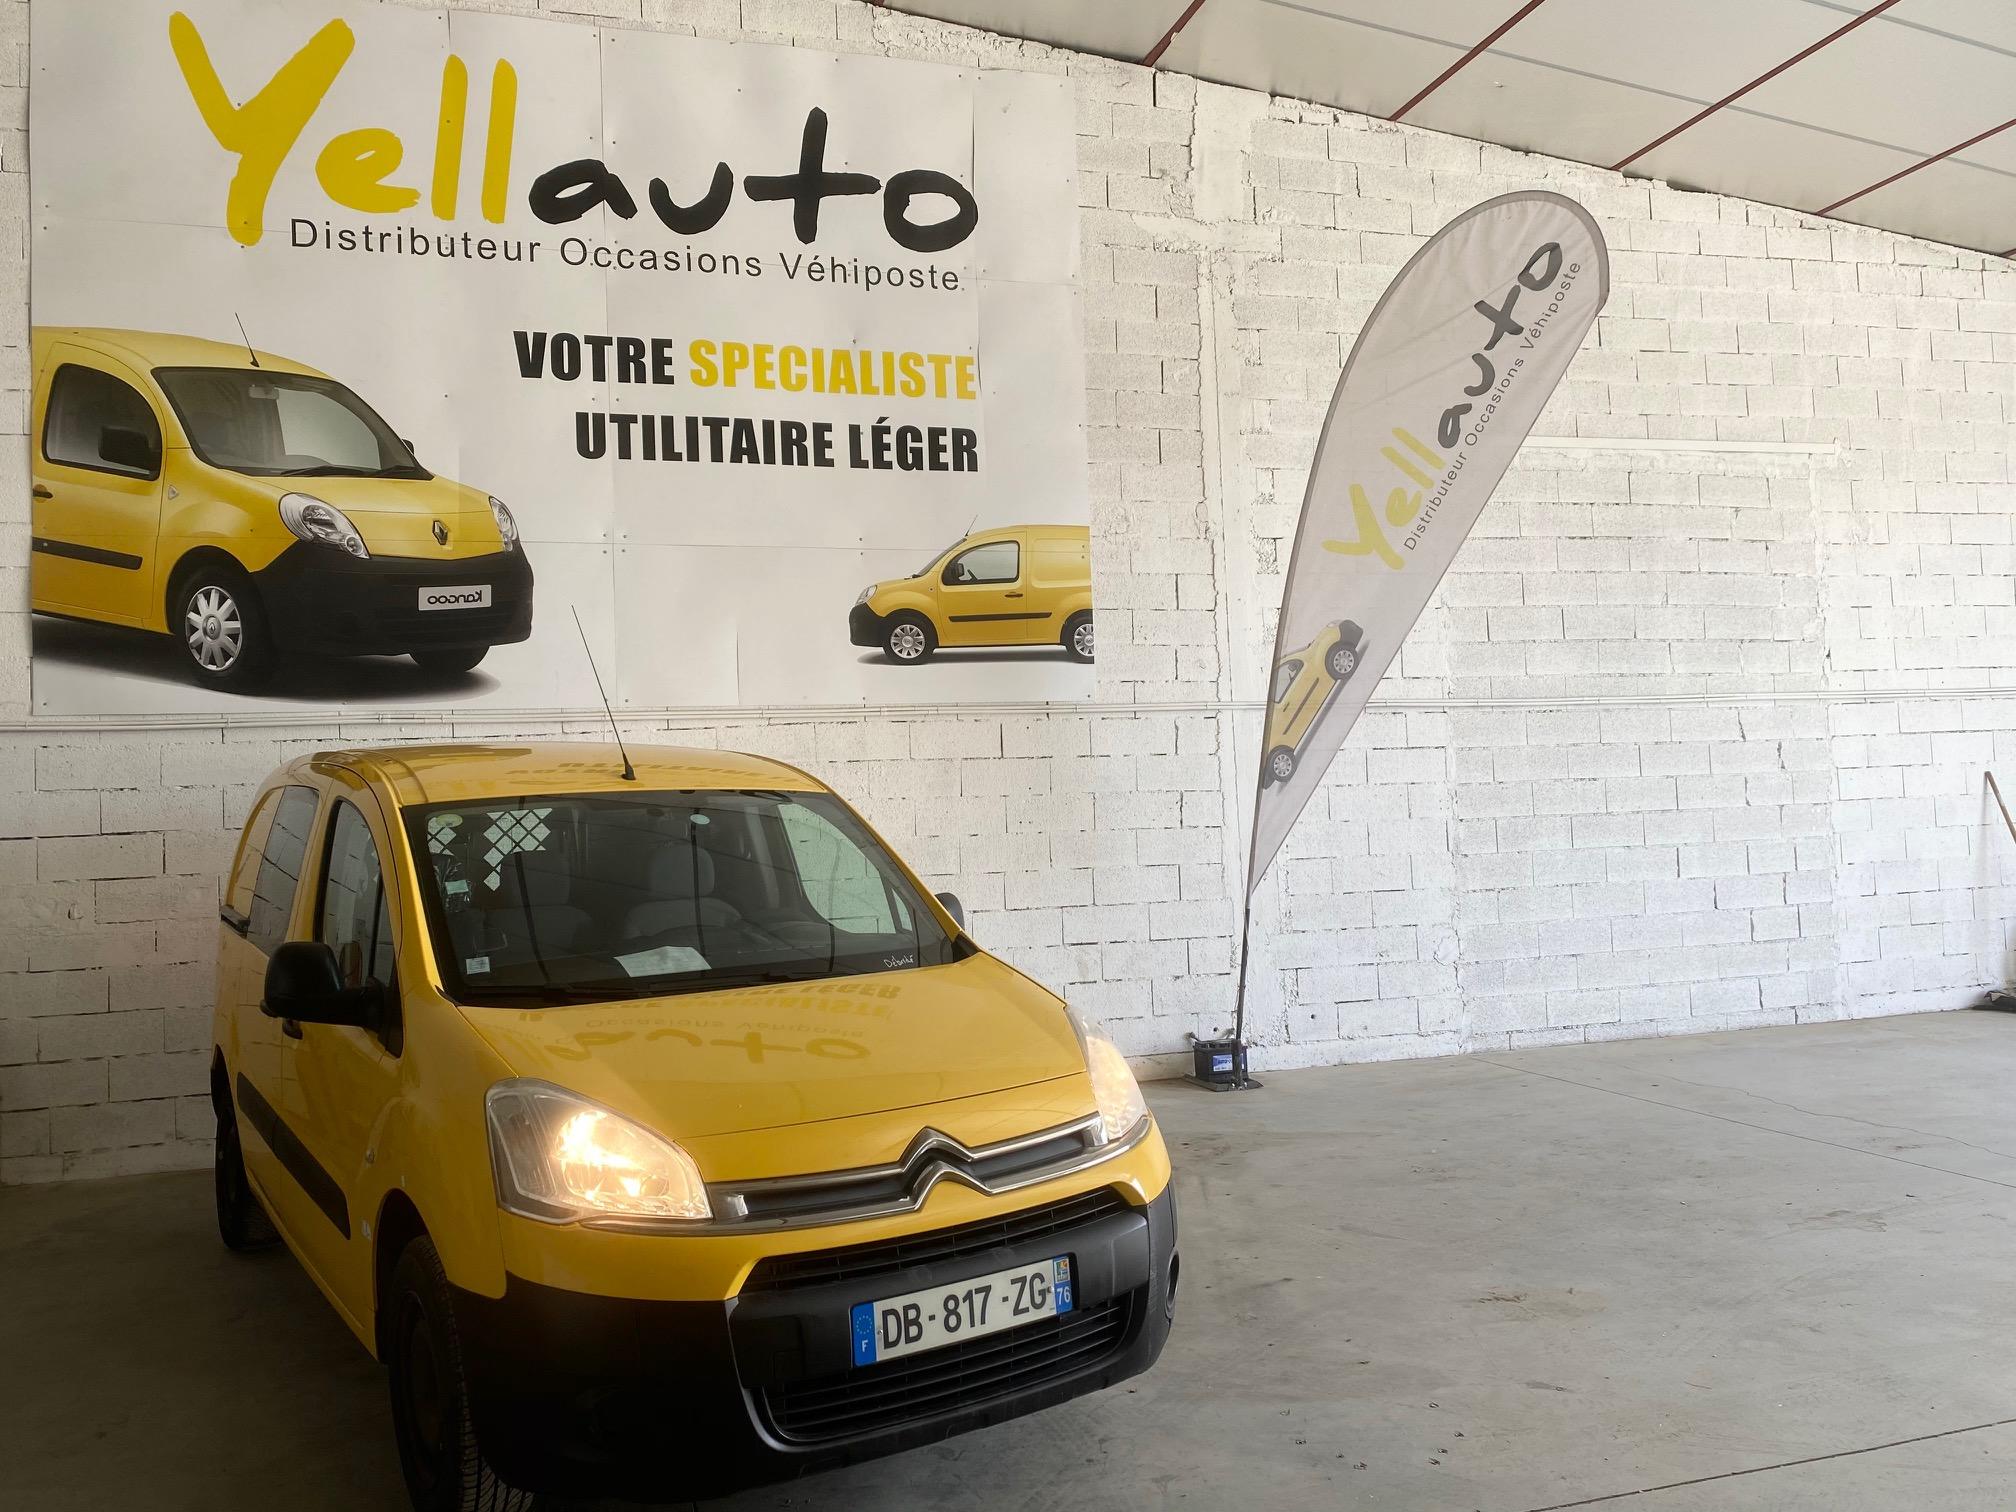 CITROËN BERLINGO 1.6 HDI 75 confort 3 places de 2014 avec 95000 km